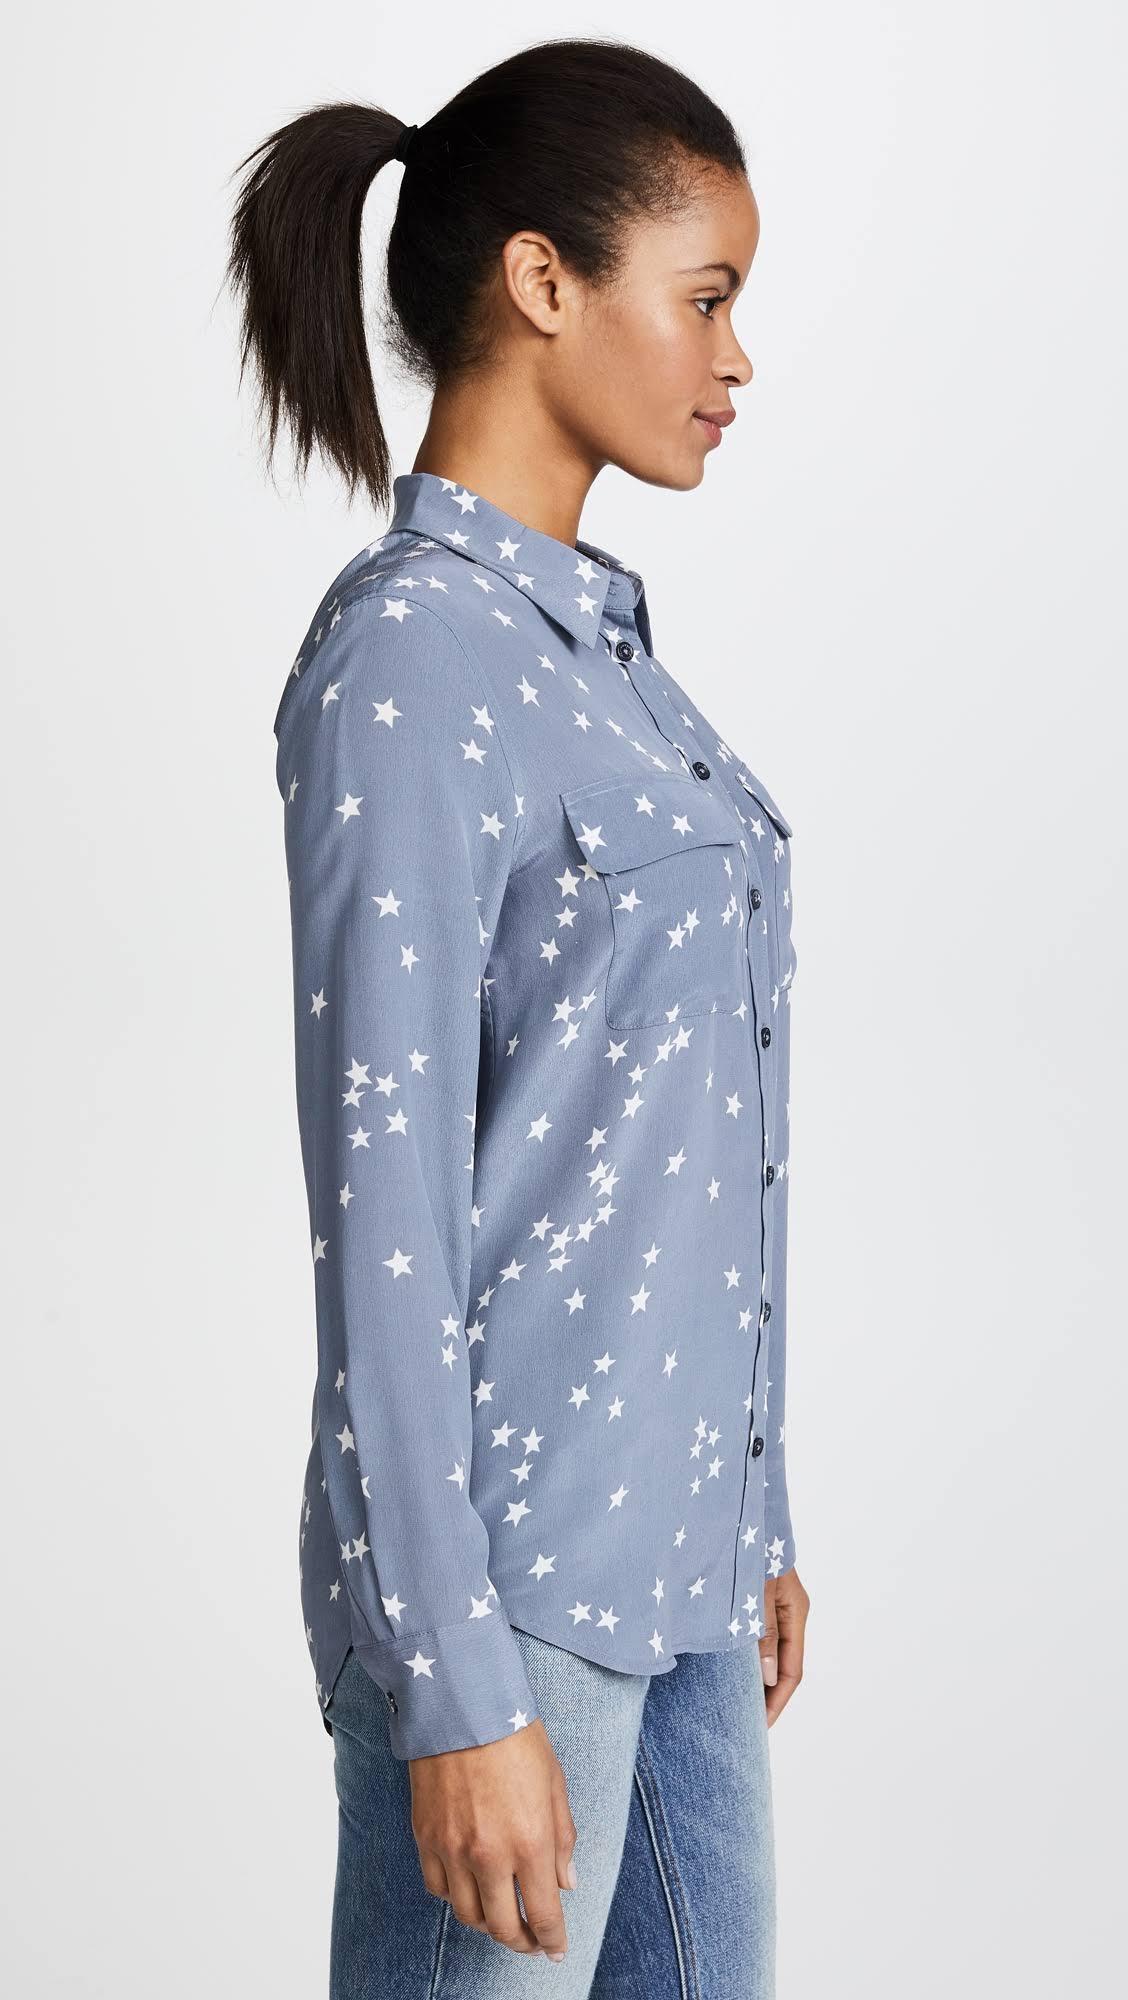 Tormenta Seda Signature De Azul Camisa Estampado Equipo Con Slim Lavada qYXzn44vw